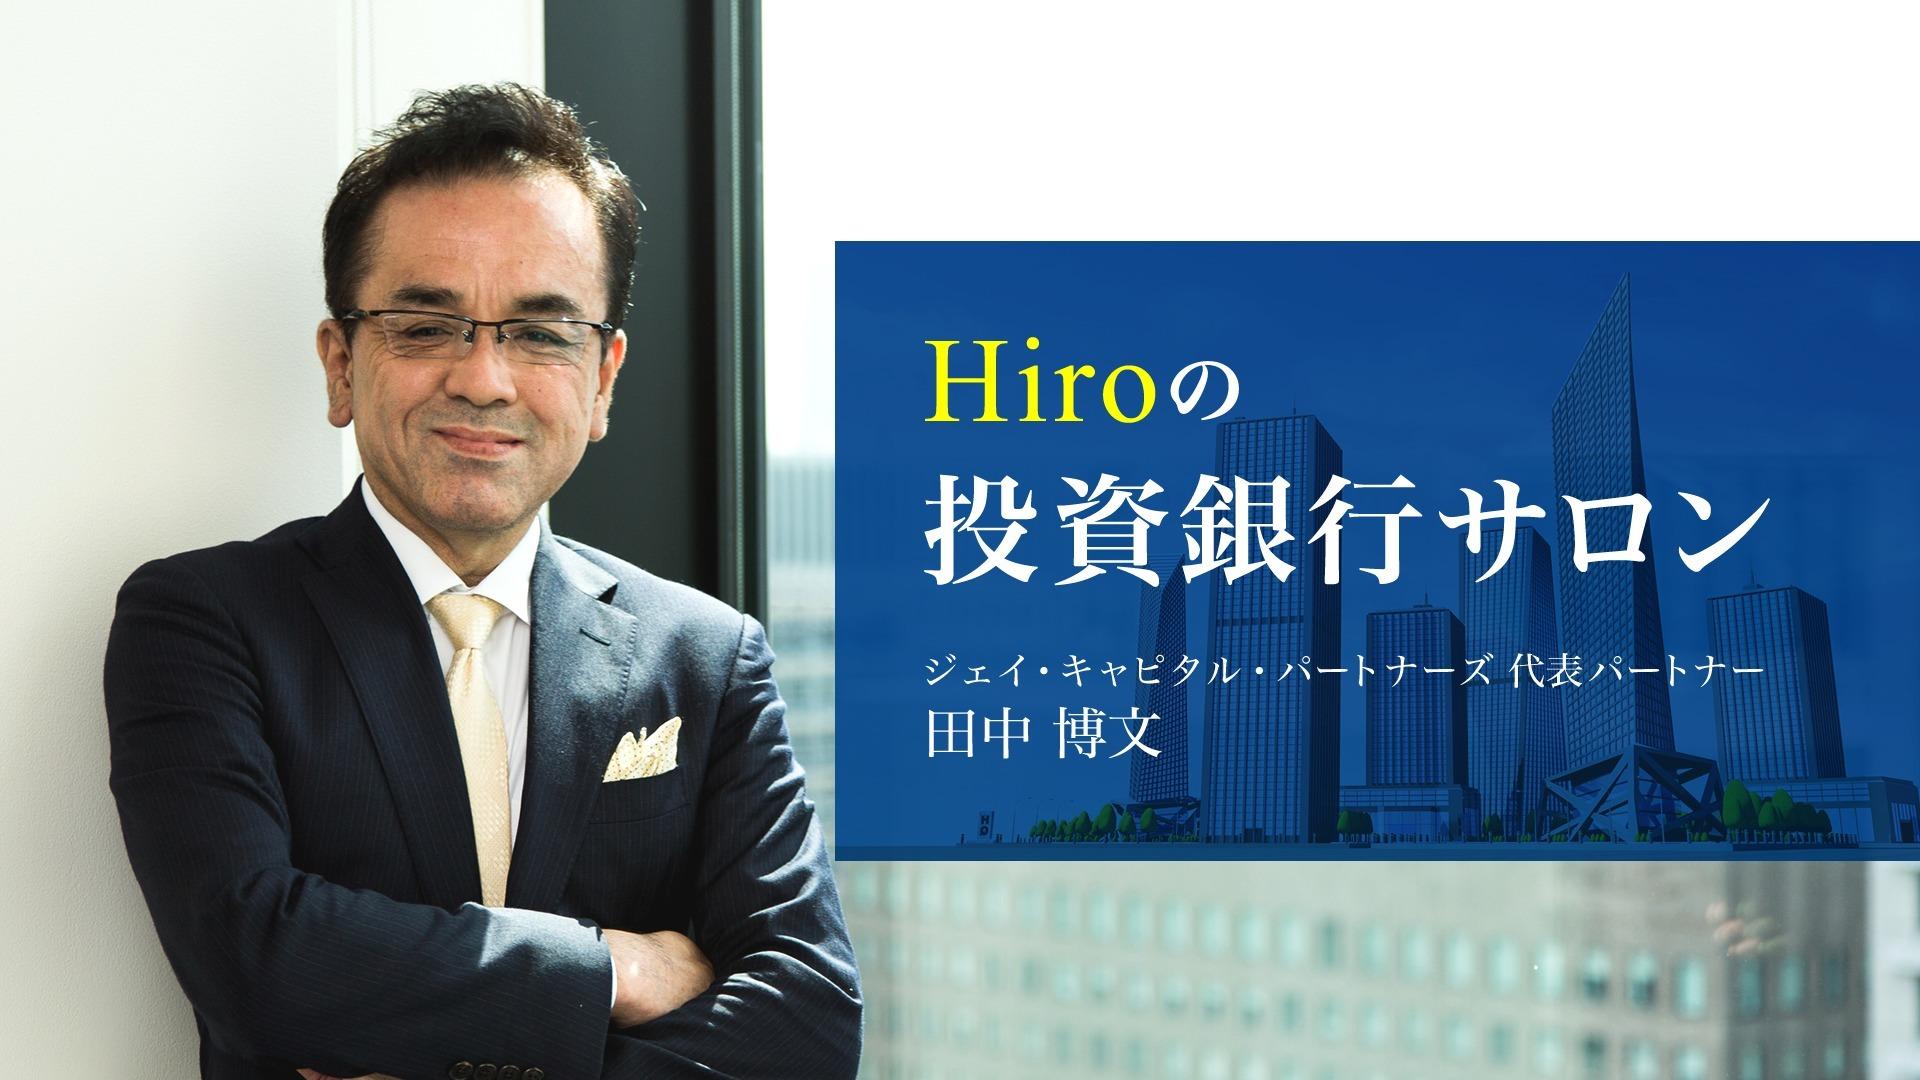 Hiroの投資銀行サロン